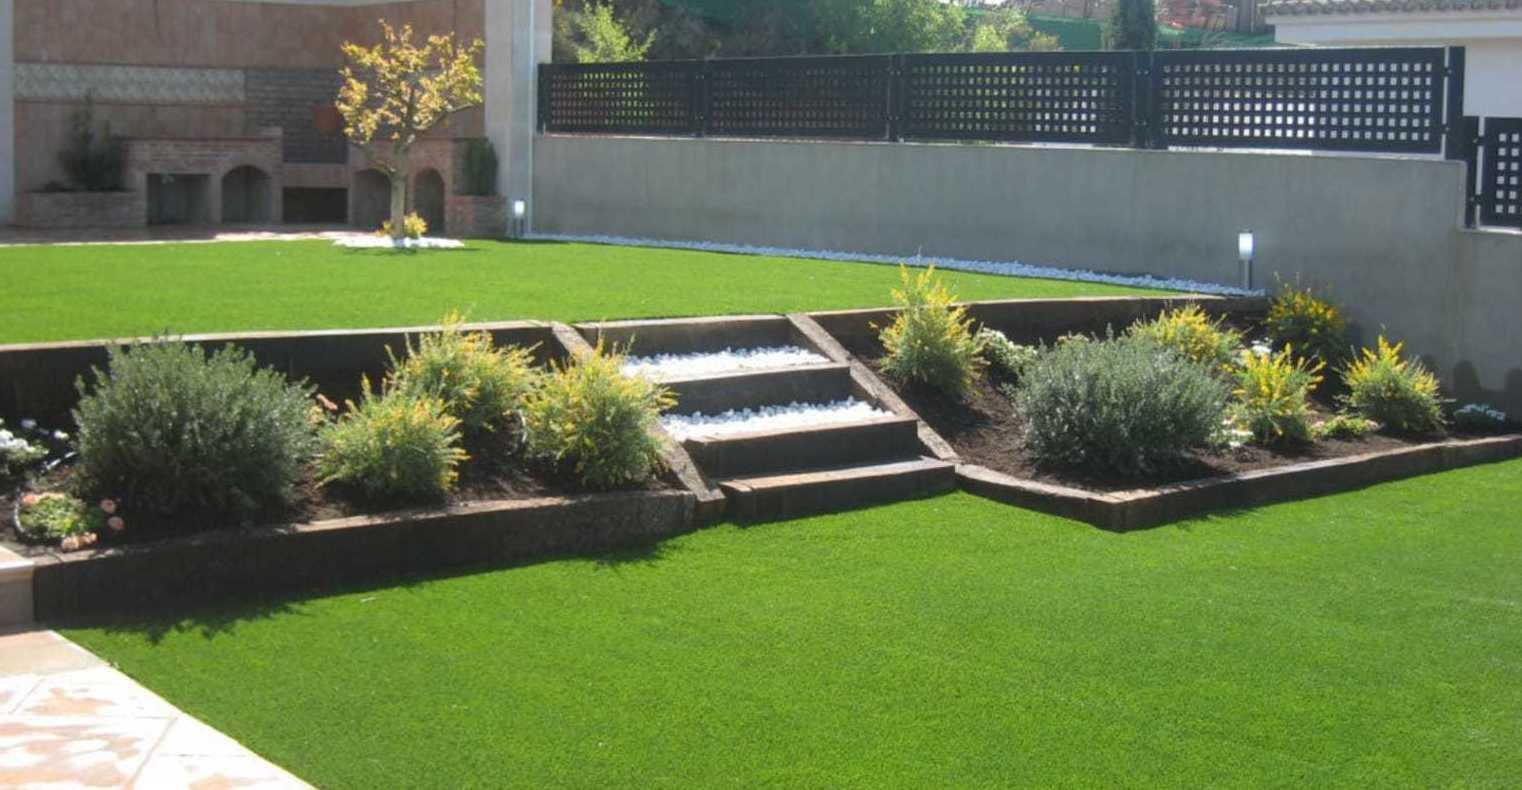 Foto 76 de Diseño y mantenimiento de jardines en  | Ches Pa, S.L.